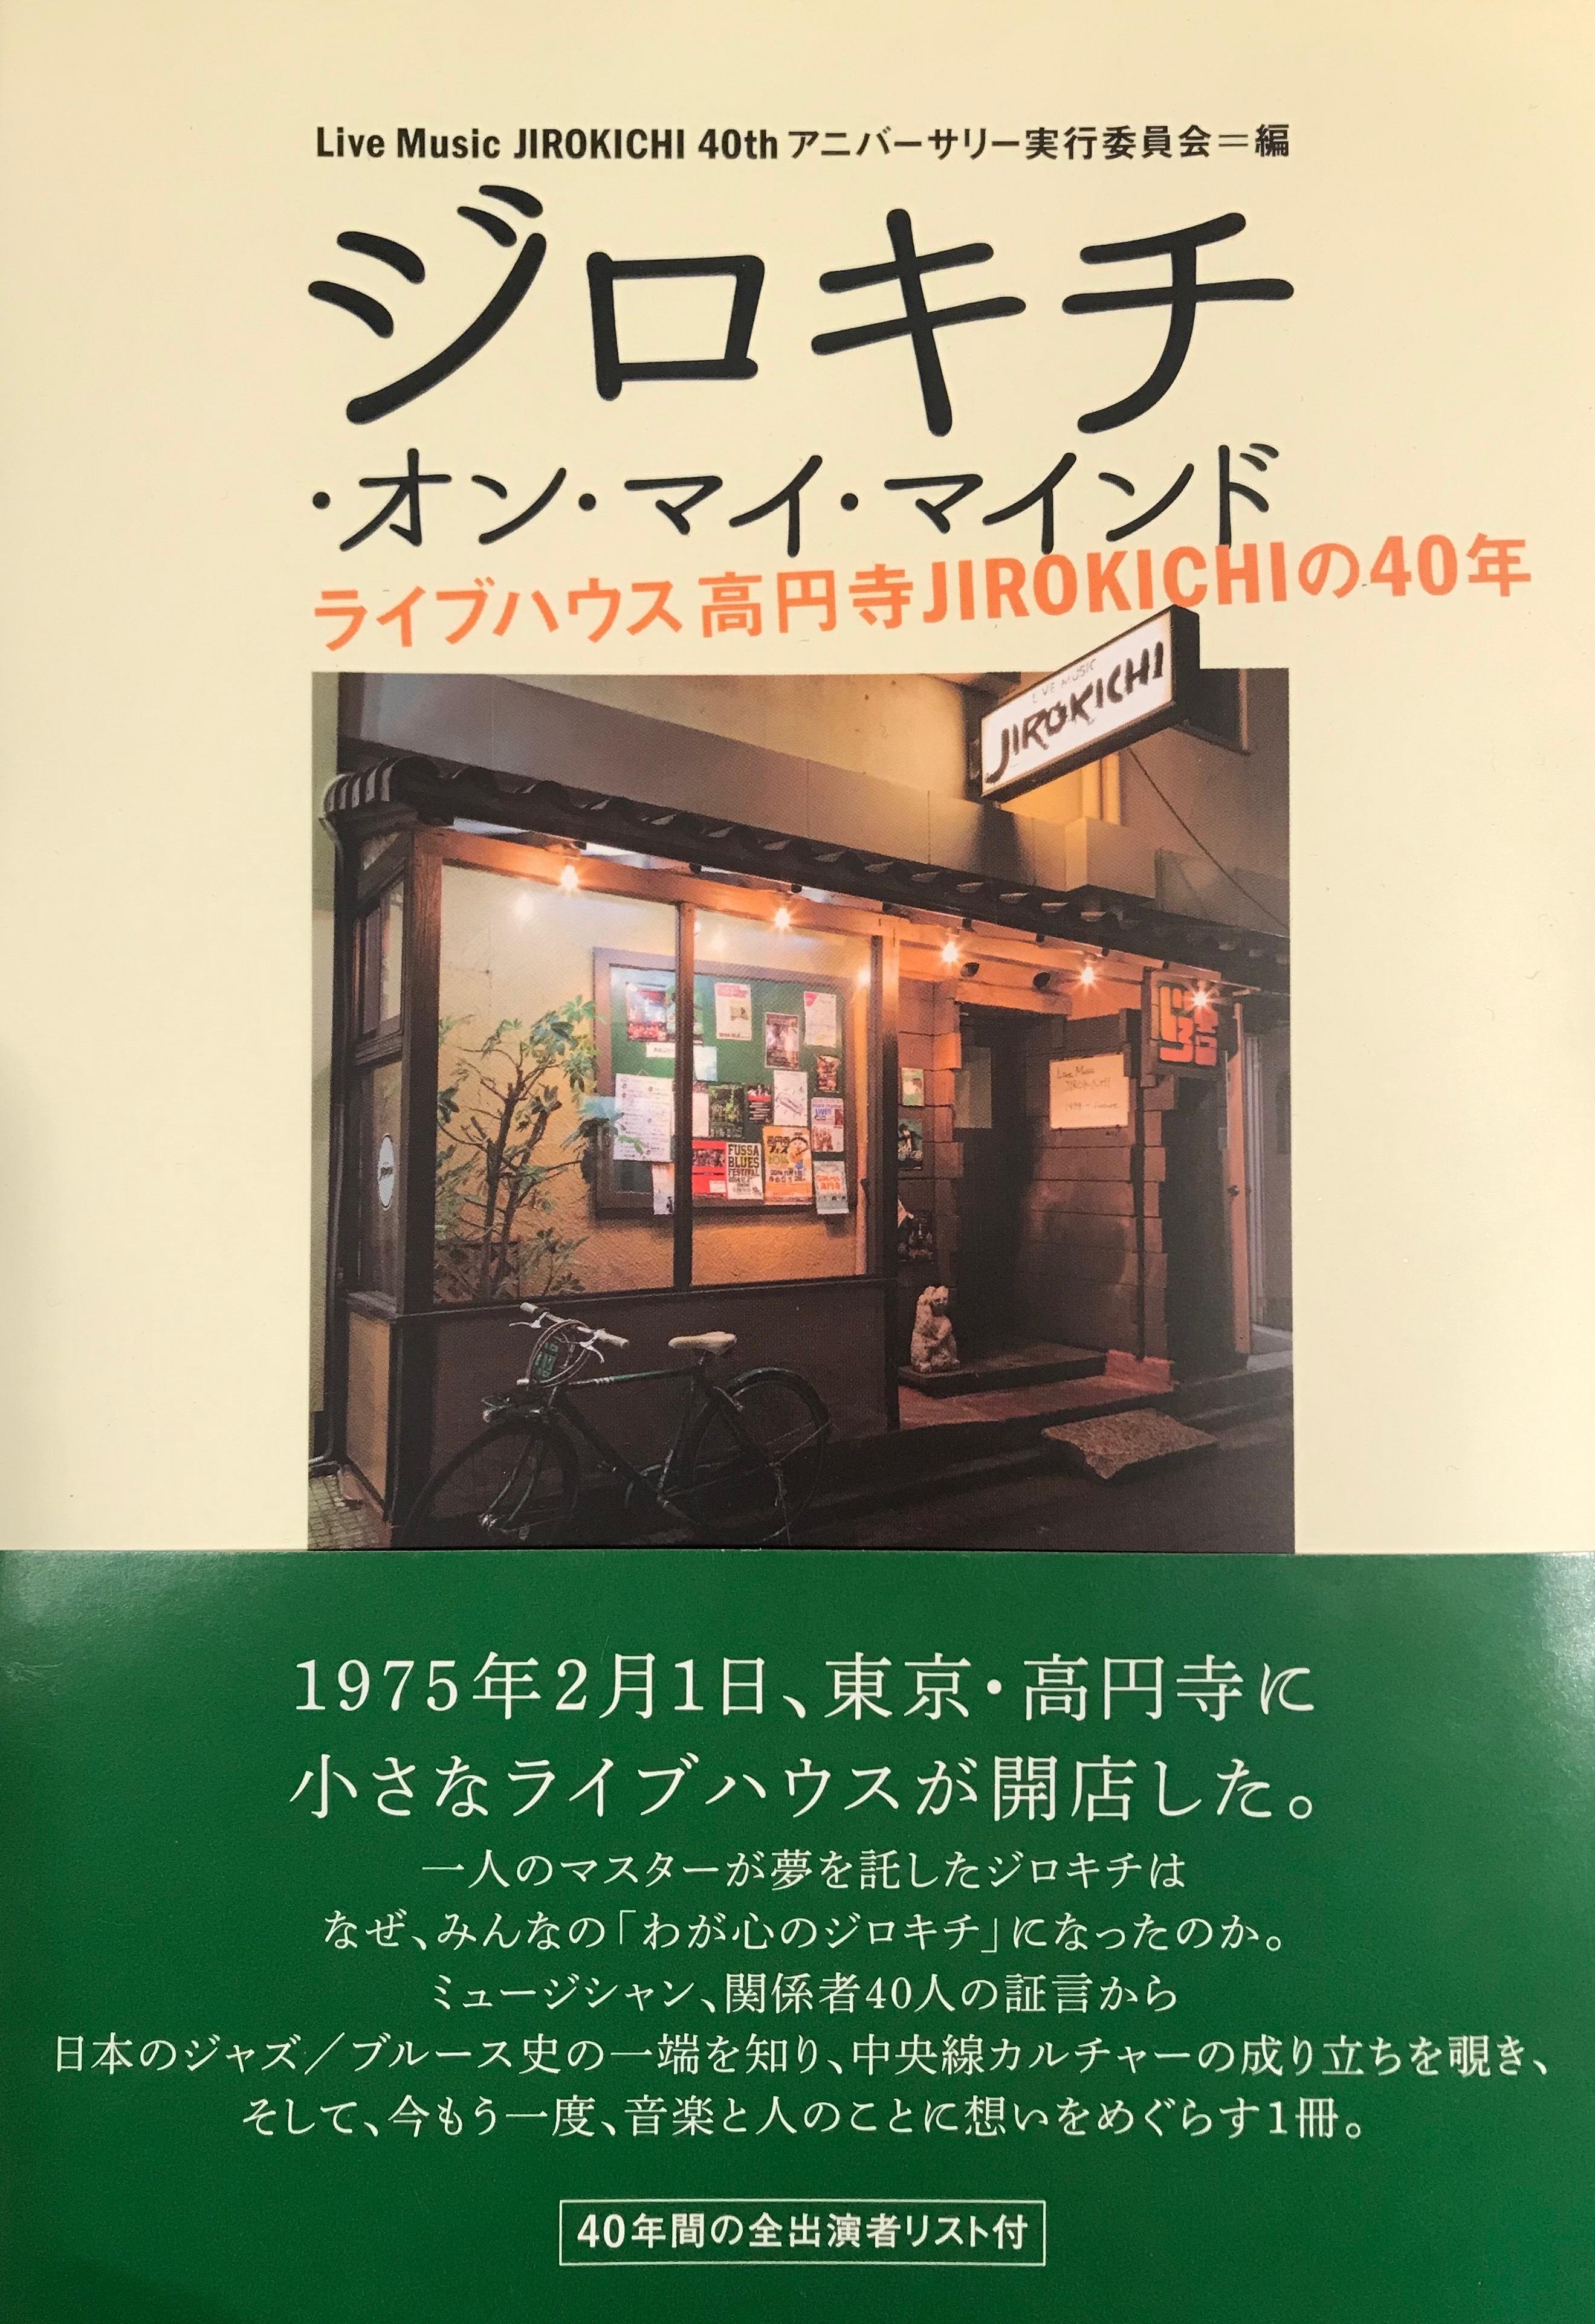 書籍 『ジロキチ・オン・マイ・マインド~ライブハウス高円寺JIROKICHIの40年~ 』(ele-king books)